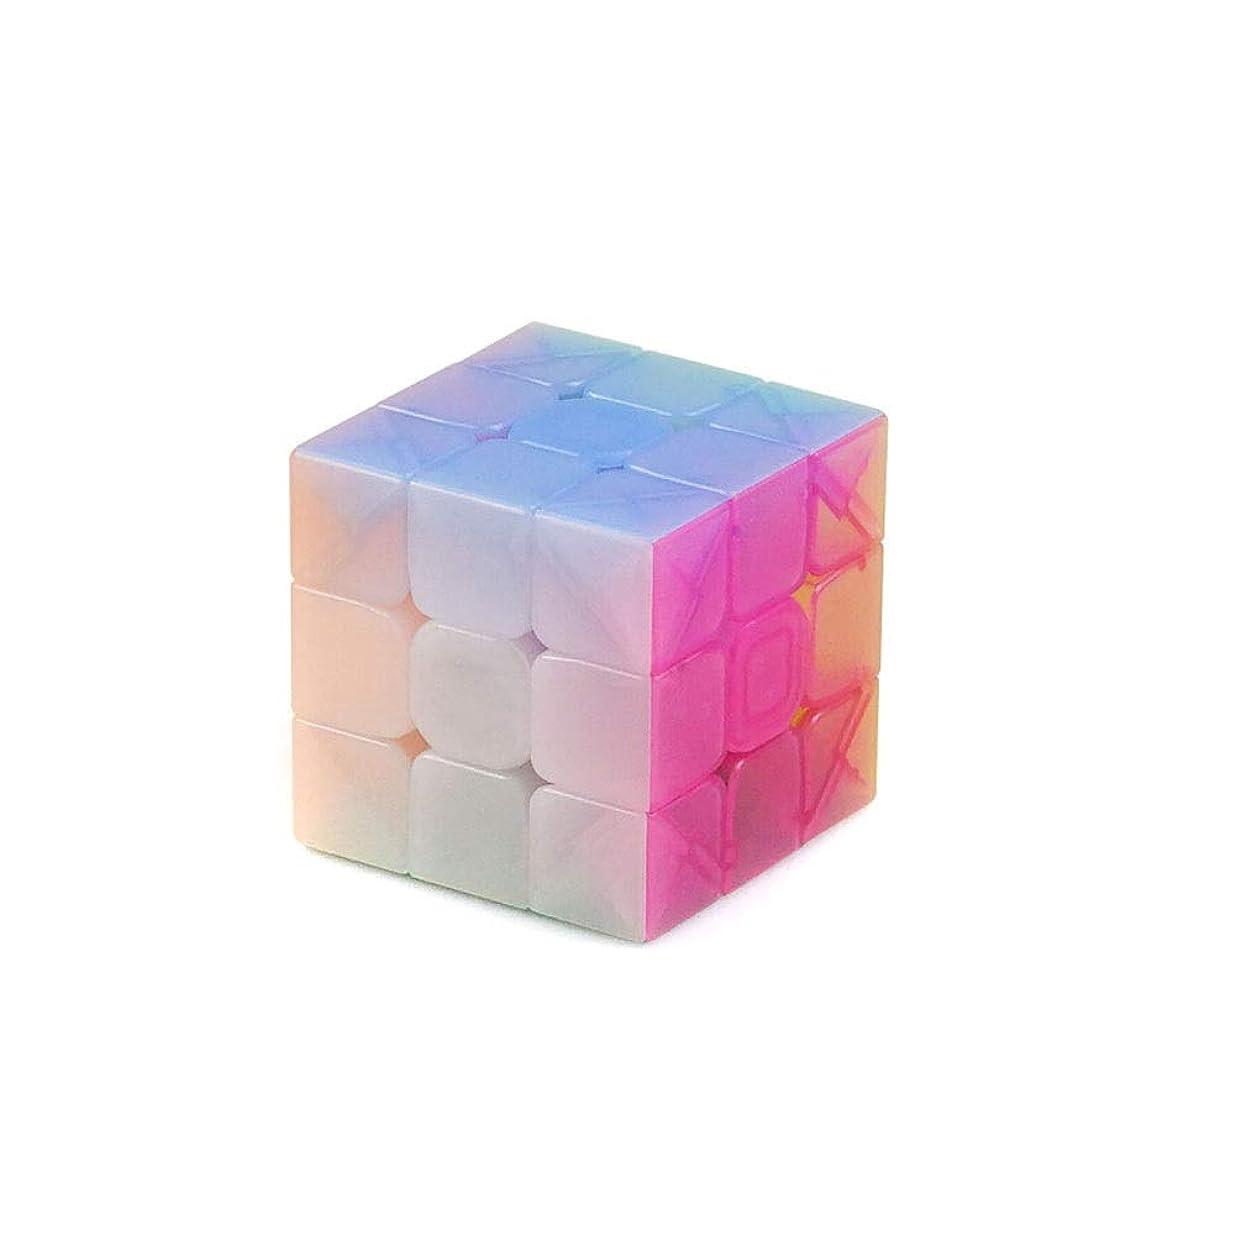 レイアステープルガウンルービックキューブ、透明スタイルのデザイン、安全で環境にやさしいデザイン、快適な使用、滑らかなデザイン (Edition : Eight sets)